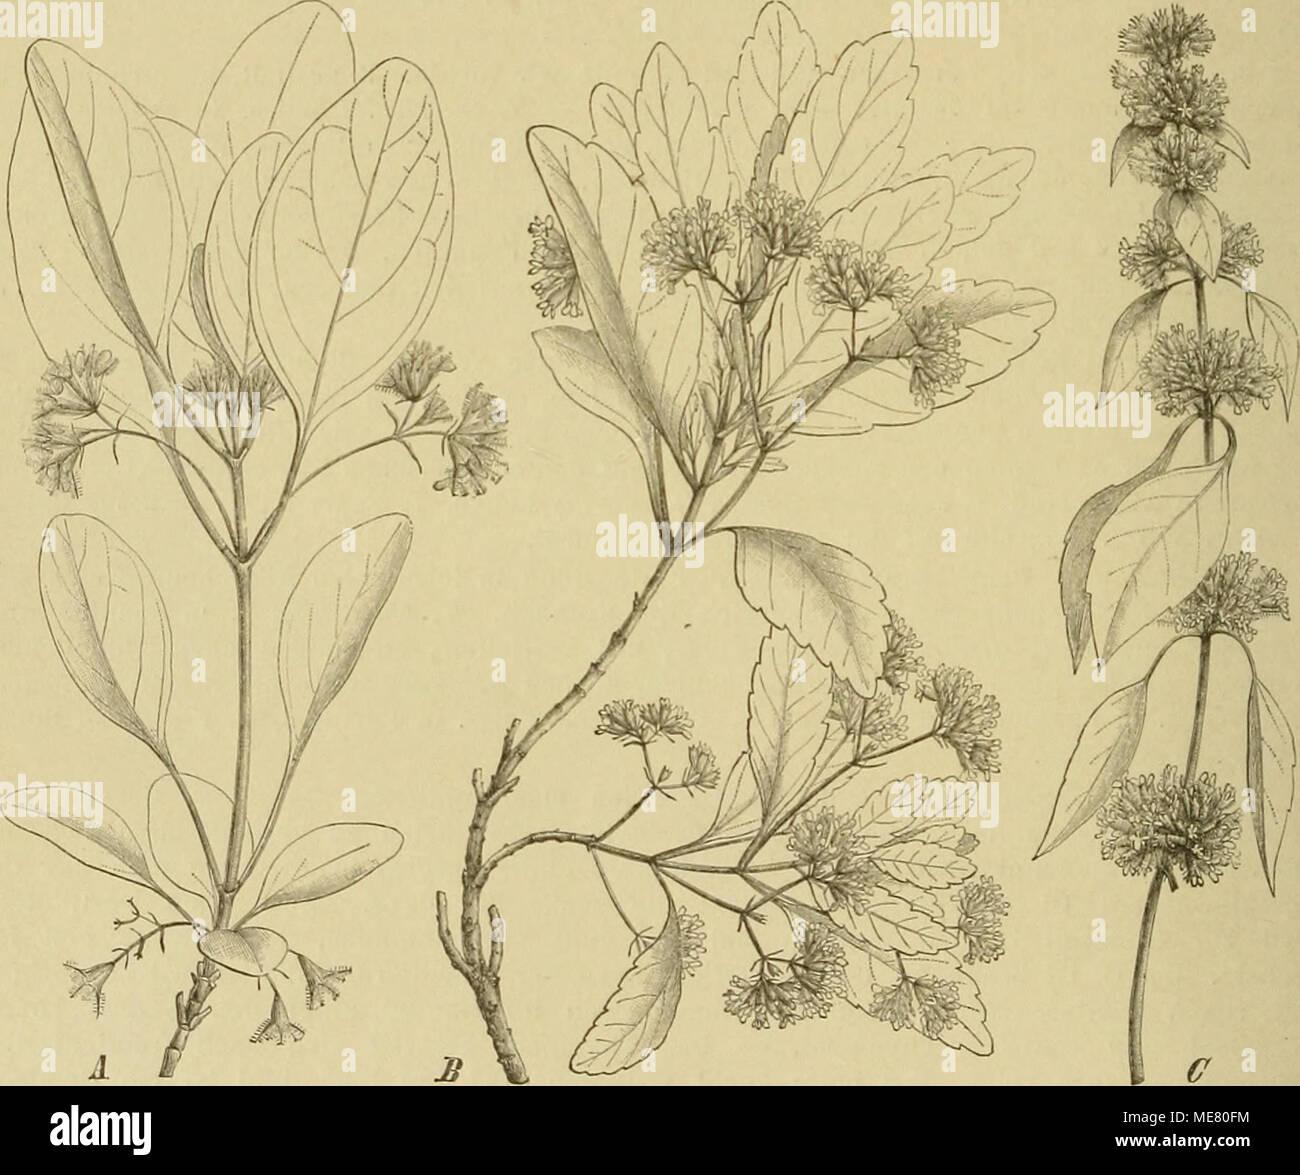 . Die Natürlichen Pflanzenfamilien : nebst ihren Gattungen und wichtigeren Arten, insbesondere den Nutzpflanzen . Flg. lOD. A bluliaalar Zweig voq Bystropogon orifjaiiifolins h'K4ni,. — 8 blühender Zweig voa B. piperitus Lowe, — C Zweig Toa B. mollis Kuatli. mit oft sehr kurzen Stf.; A. mit parallelen Thecae. Discus gleich oder vorne zu einem kleinen Nectarium wuchernd. Gr. am Gipfel kurz, pfriemlich und gleich 2spaltig , oder der hintere Ast kürzer. Nüsschen eiförmig, glatt. — Sträucher mit mäßigen oder kleinen B., die oberen oft zu Bracteen reduciert. Scheinwirtel bald kugelig, sitzend, die  Stock Photo